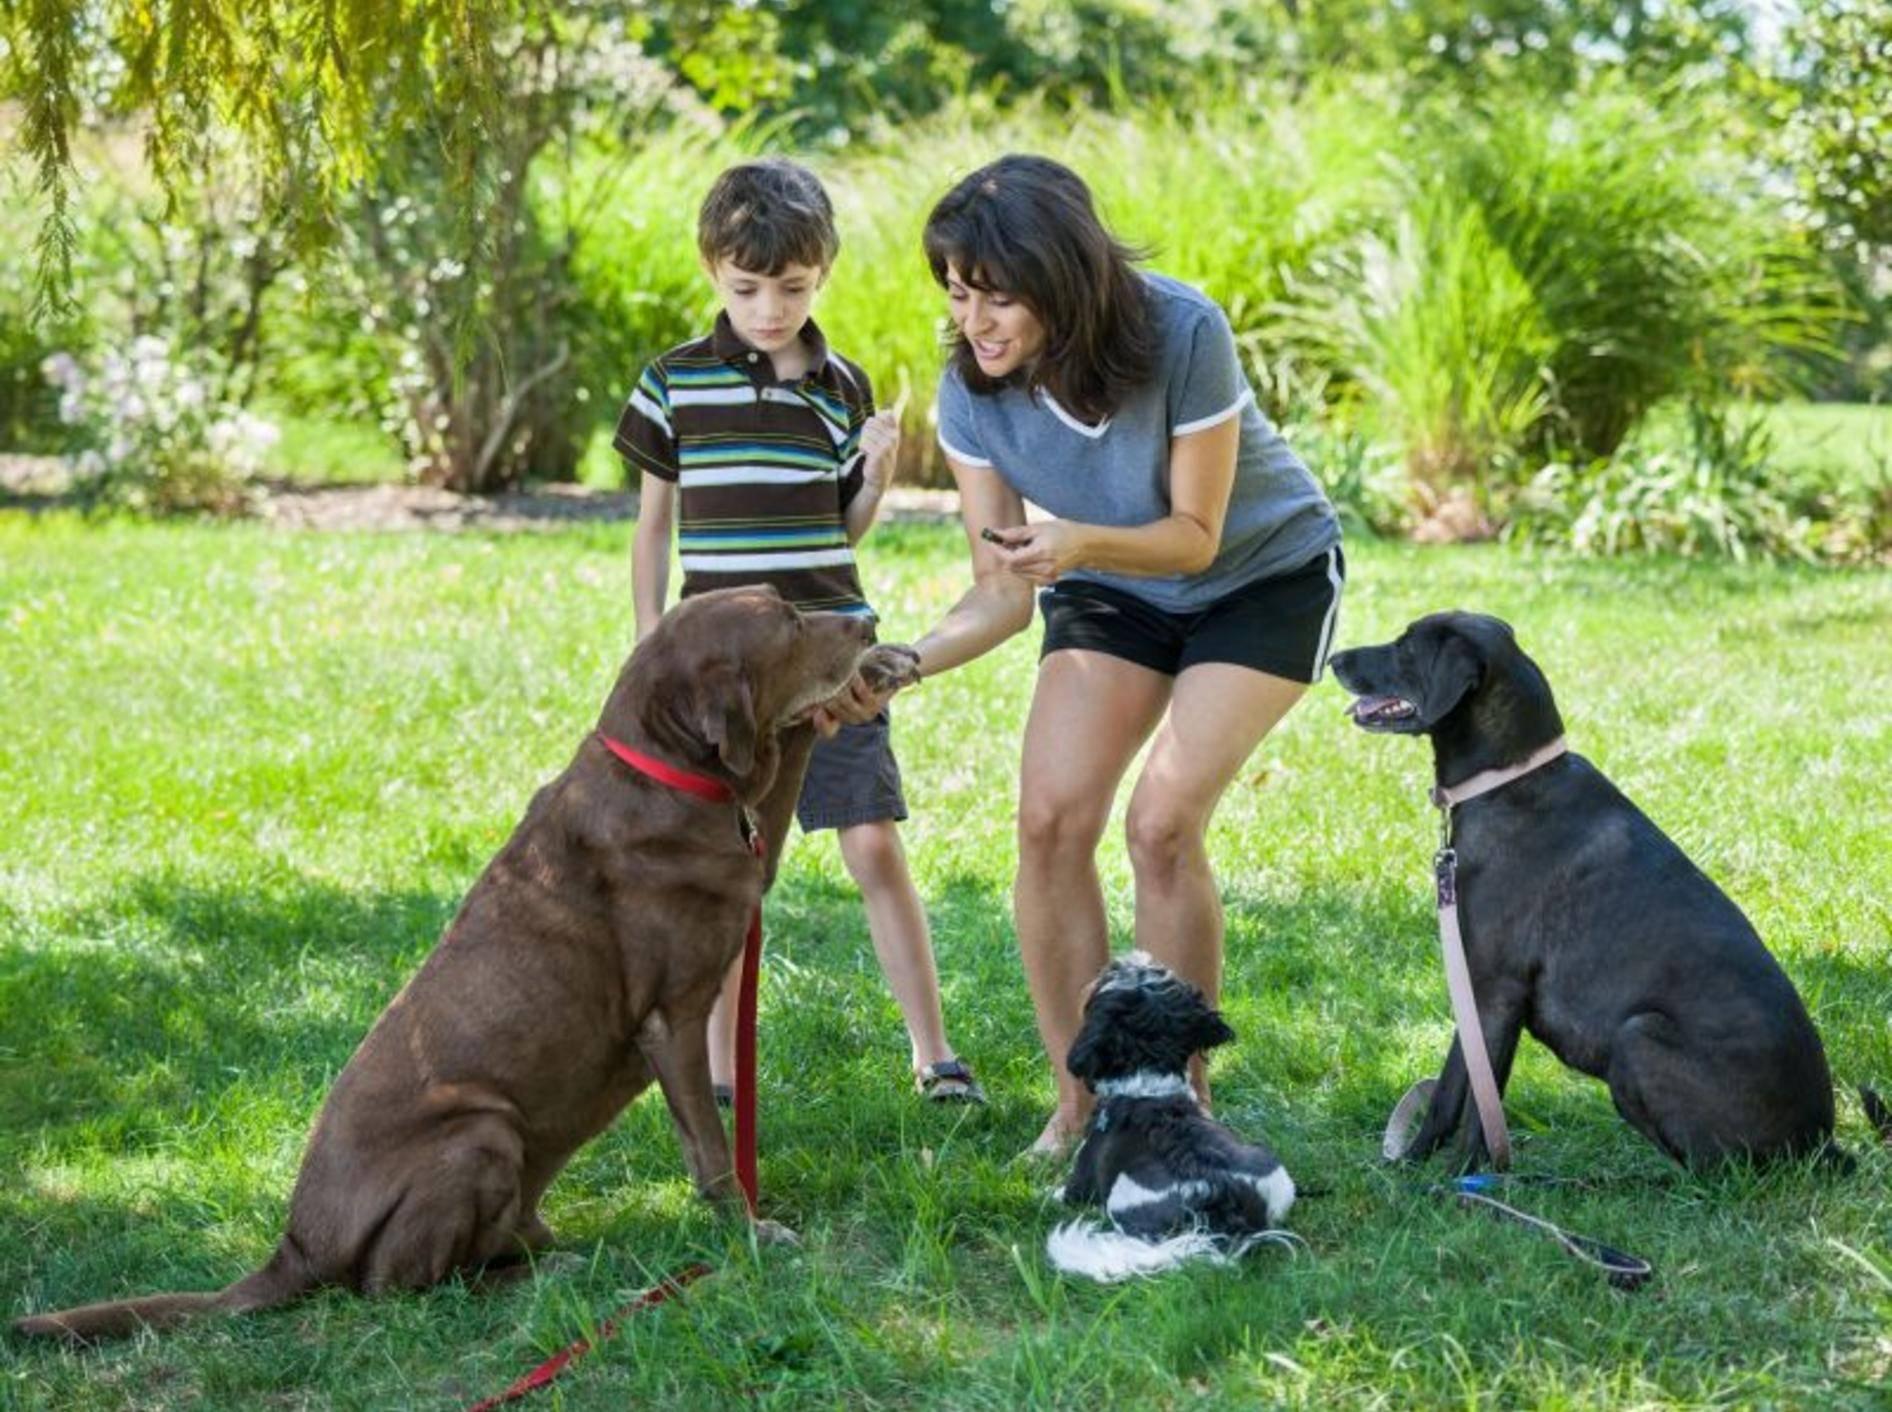 Hundetraining mit Clicker ist ein guter Start für eine harmonische Beziehung — Bild: Shutterstock / eurobanks